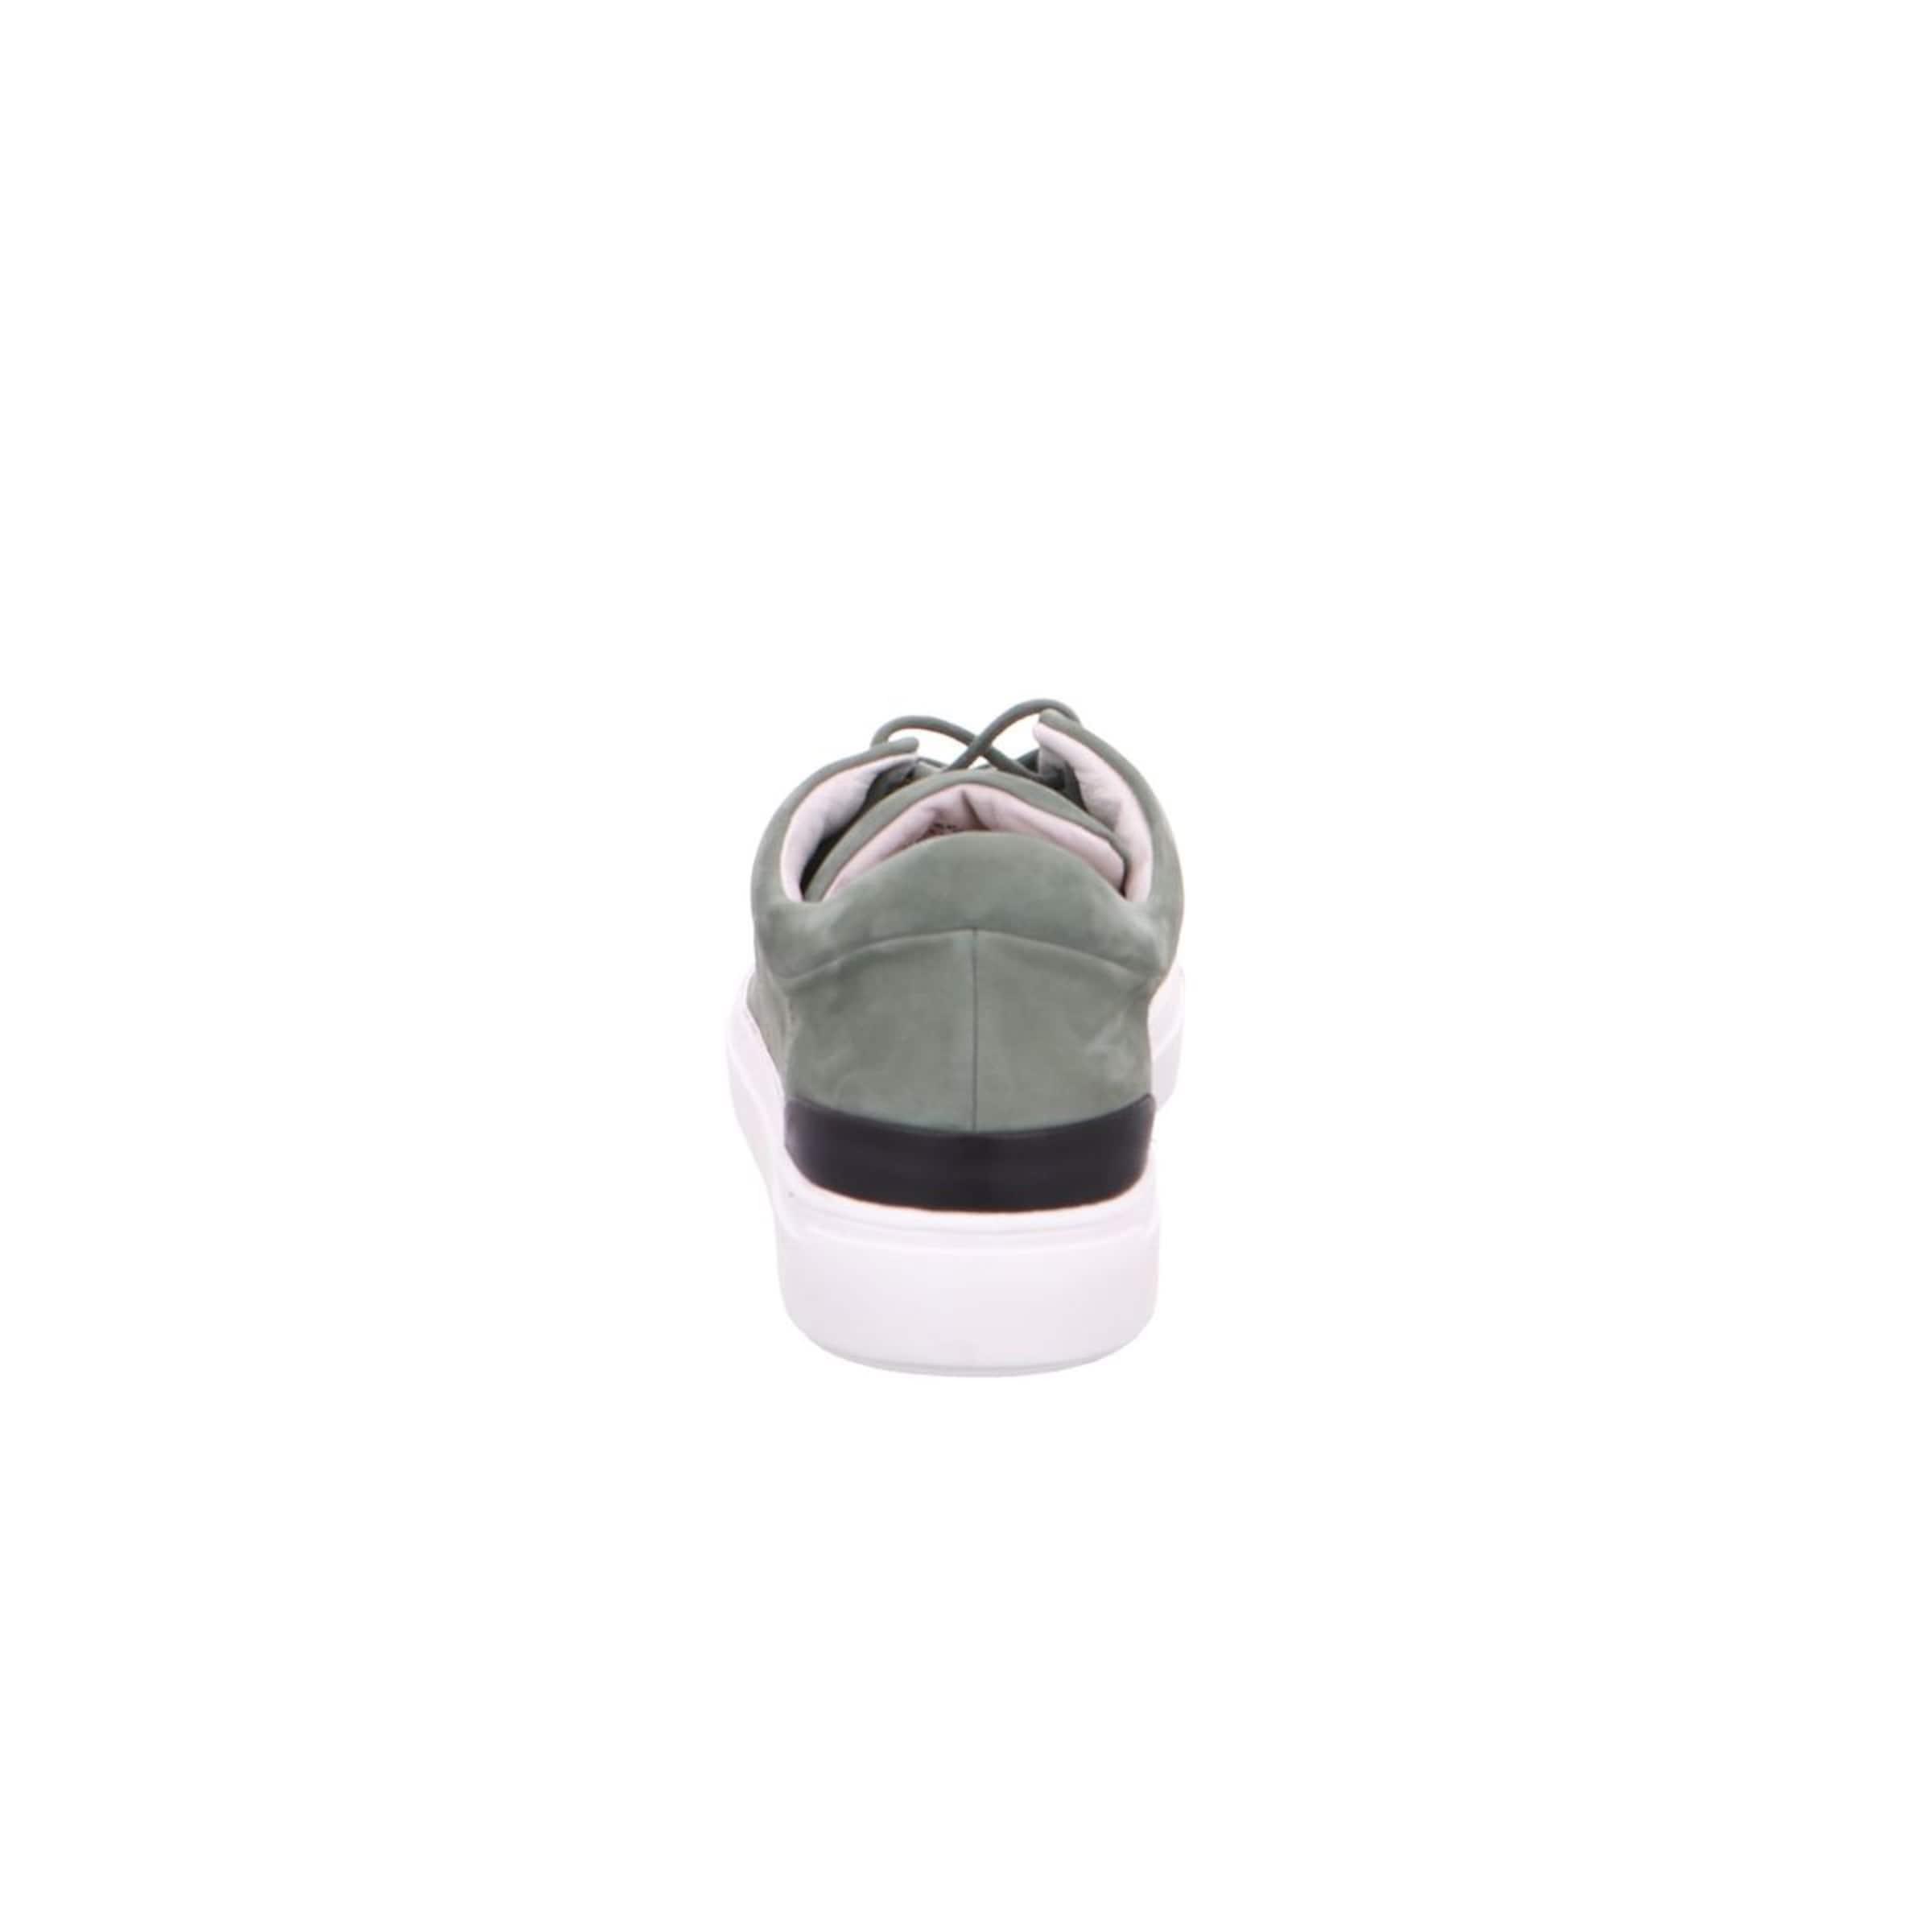 In Blackstone In In Blackstone Schnürschuhe Blackstone Hellgrün Hellgrün Blackstone Schnürschuhe Schnürschuhe Hellgrün In Schnürschuhe BhxQrCtsd